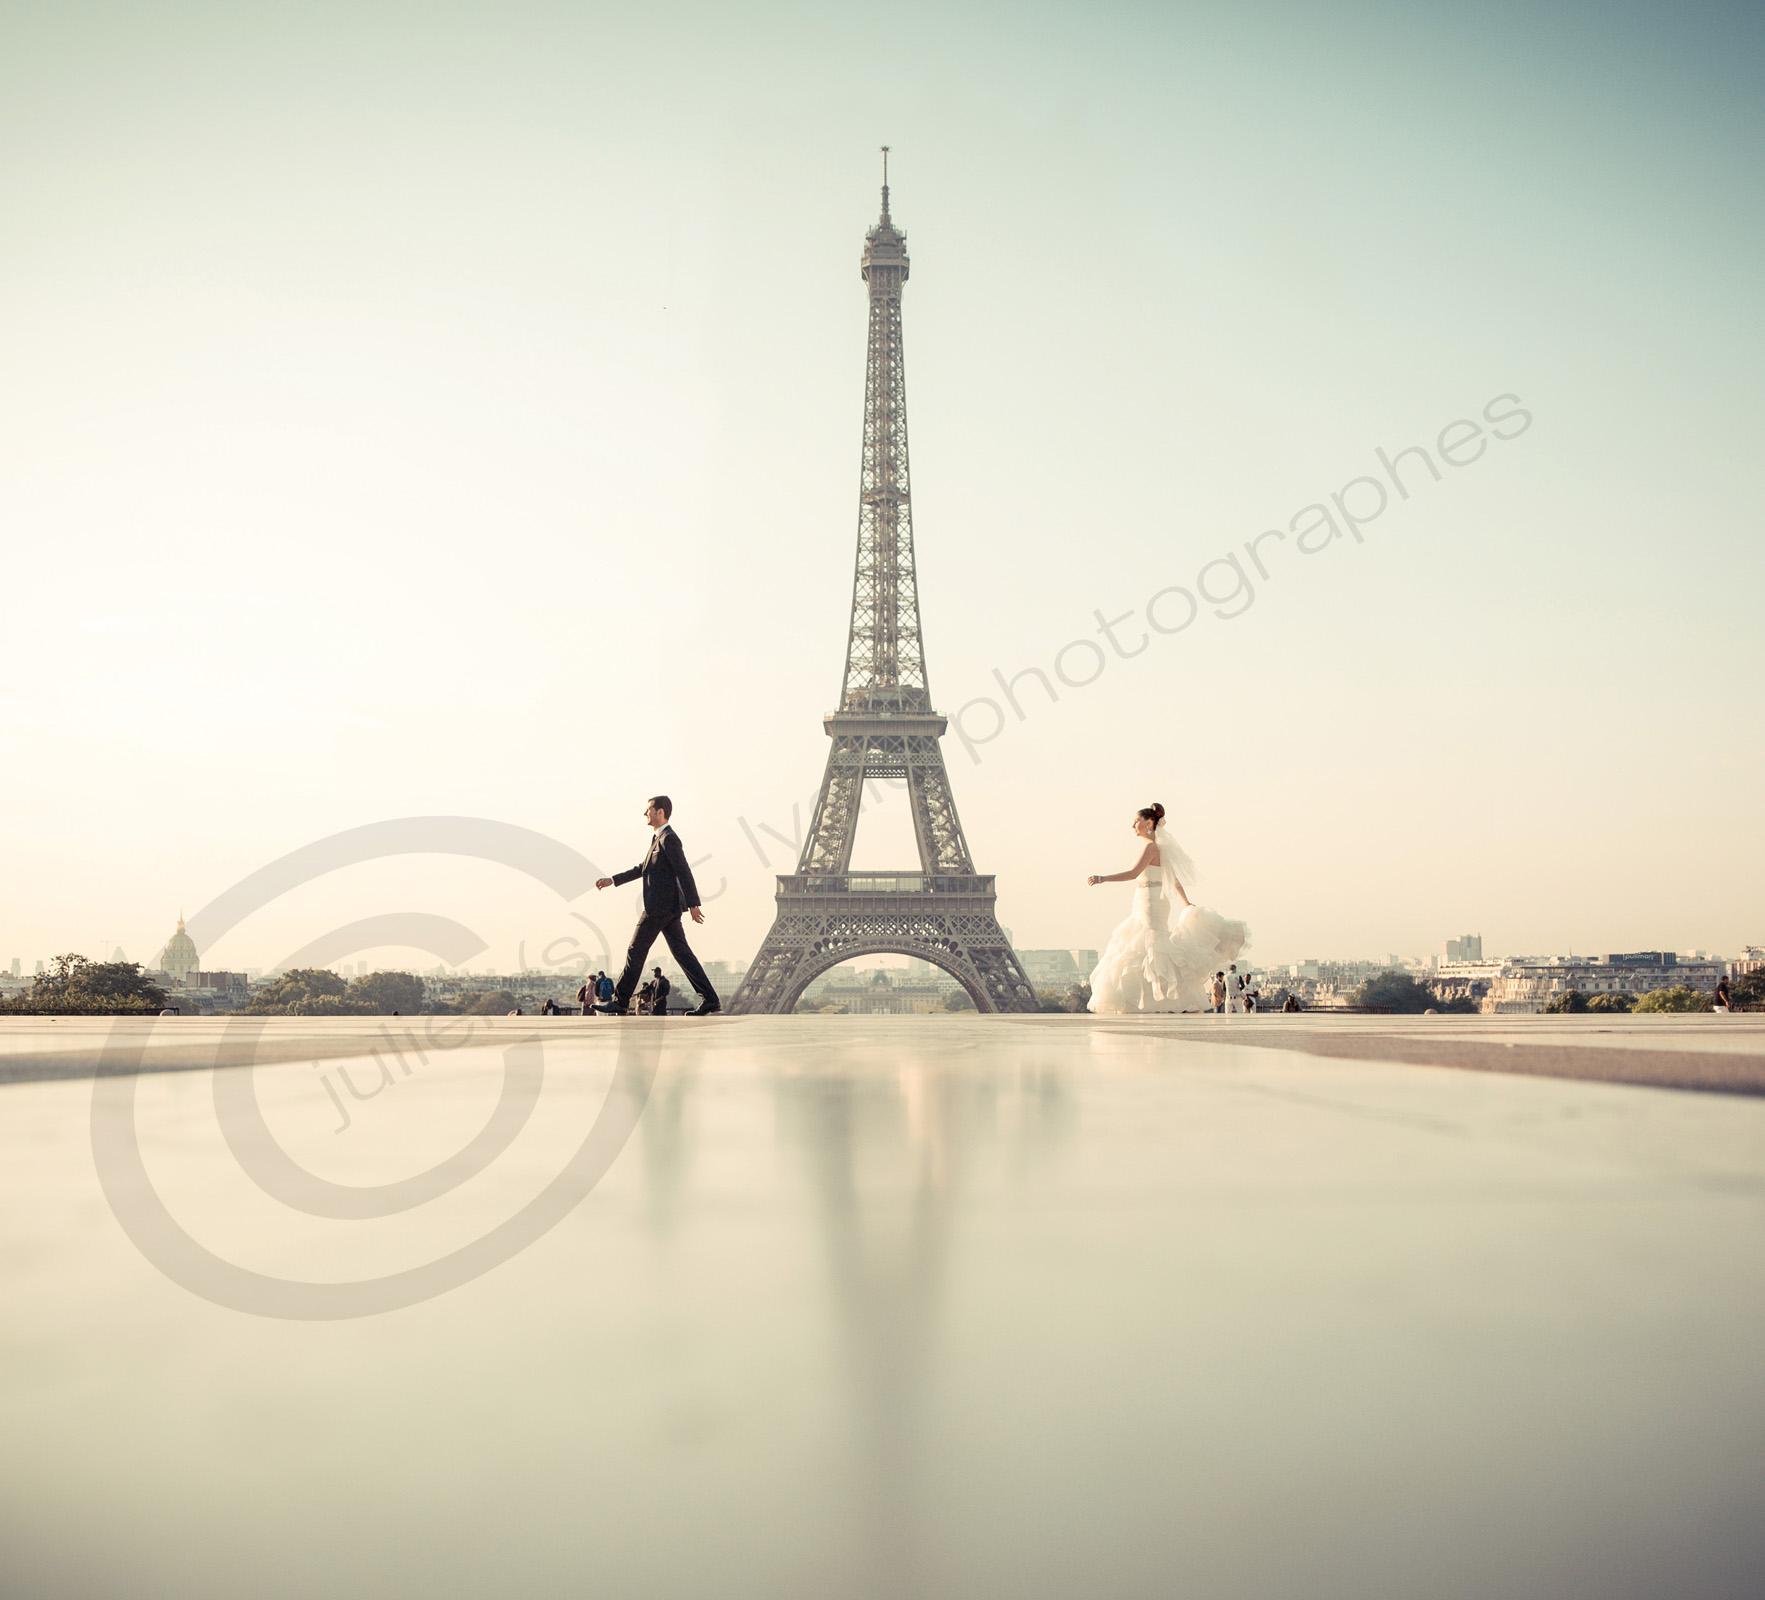 Mariage-Paris-Trocadero-tour Eiffel-Blog